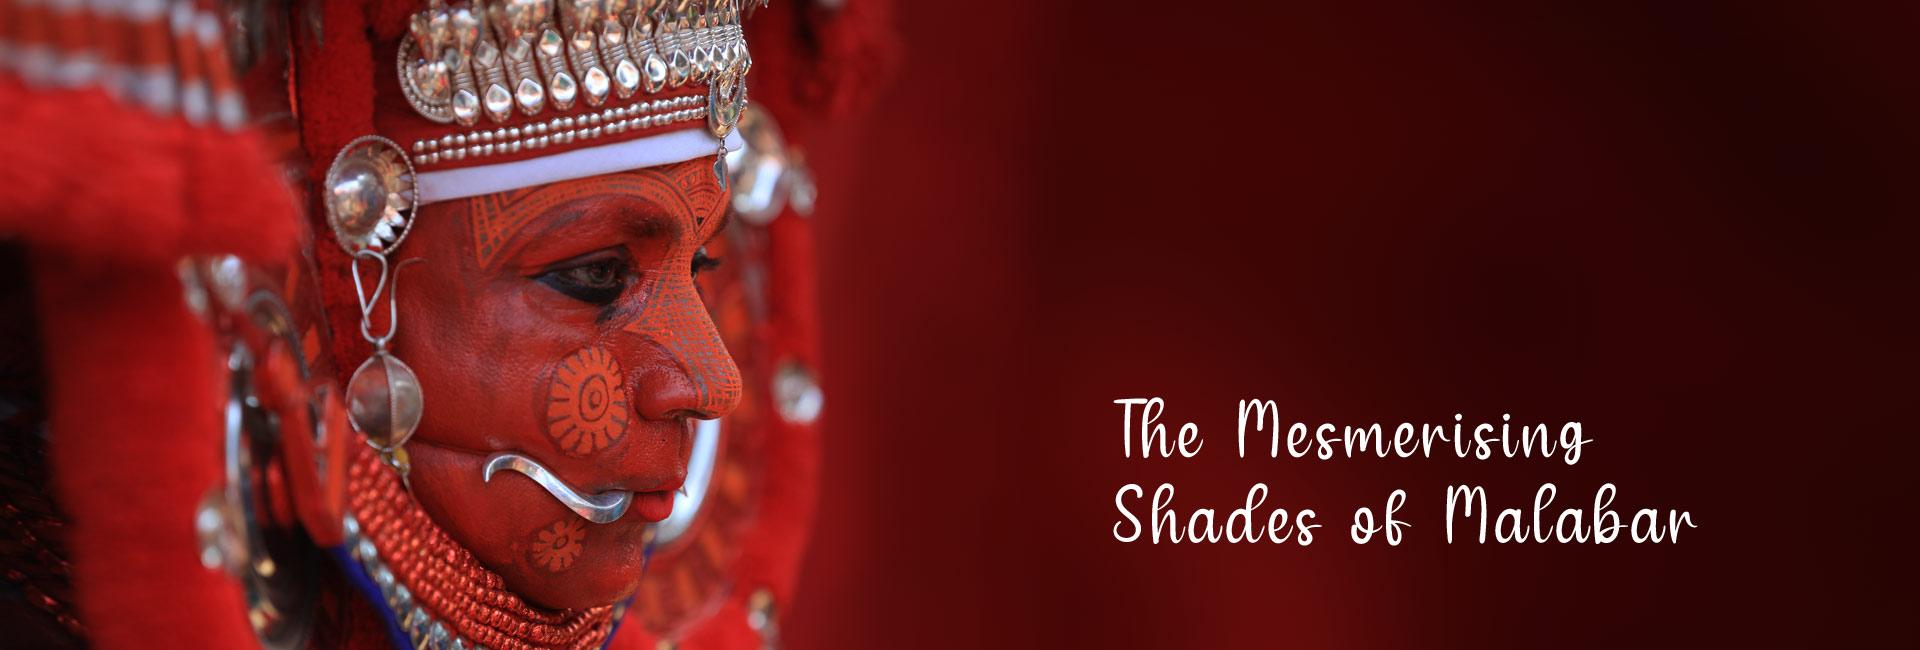 The Mesmerising Shades of Malabar